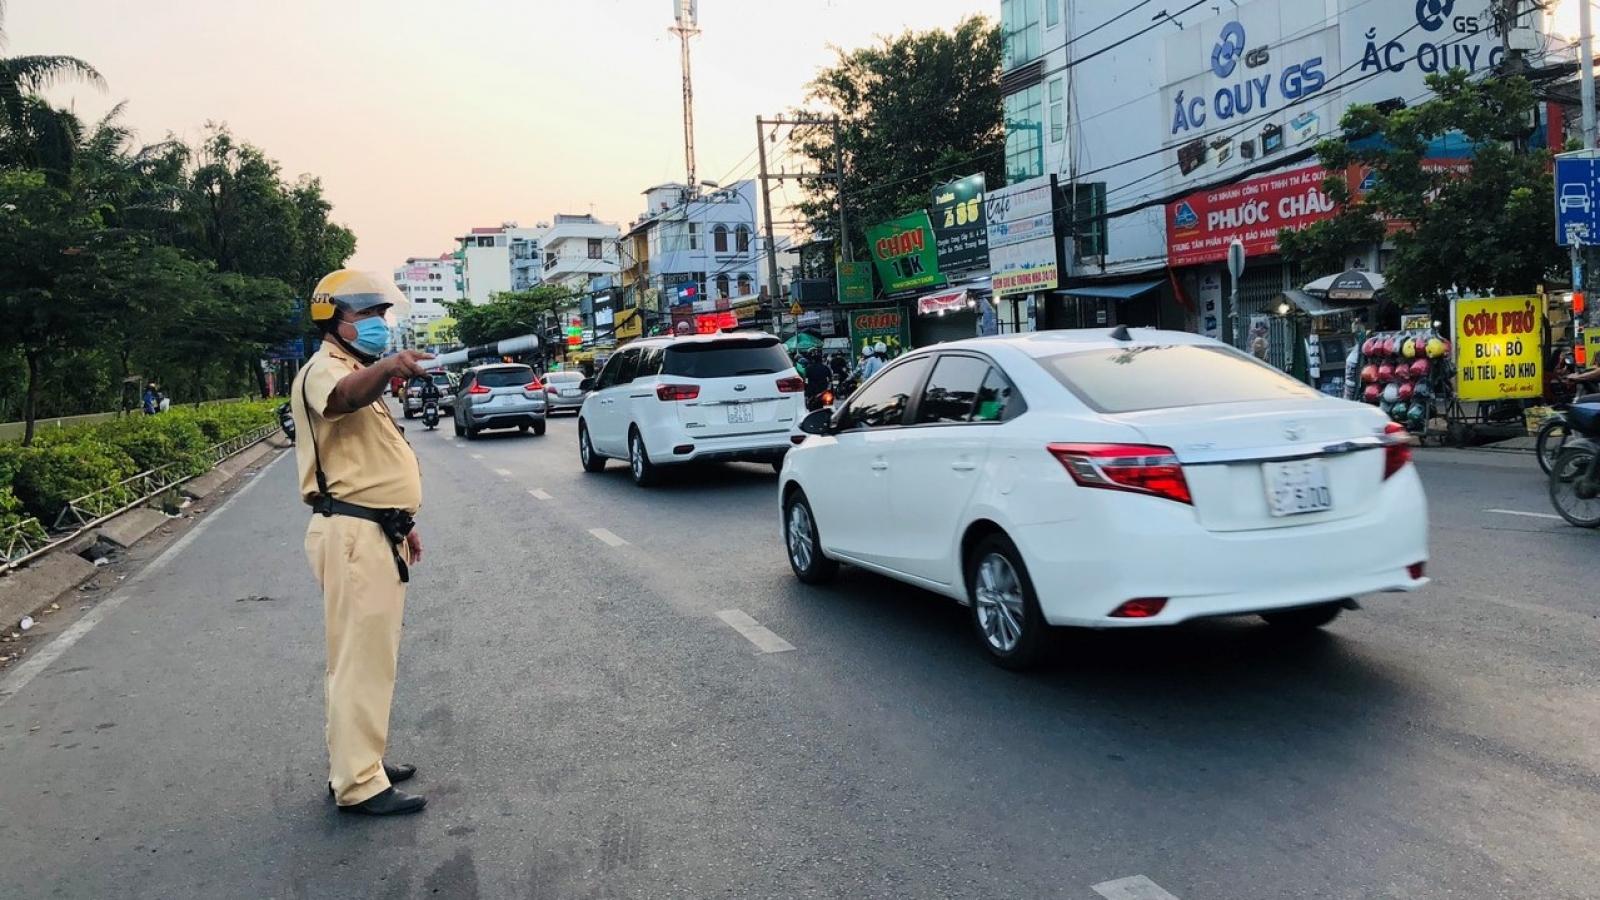 5 người chết do tai nạn giao thông tại TPHCM trong 7 ngày nghỉ Tết